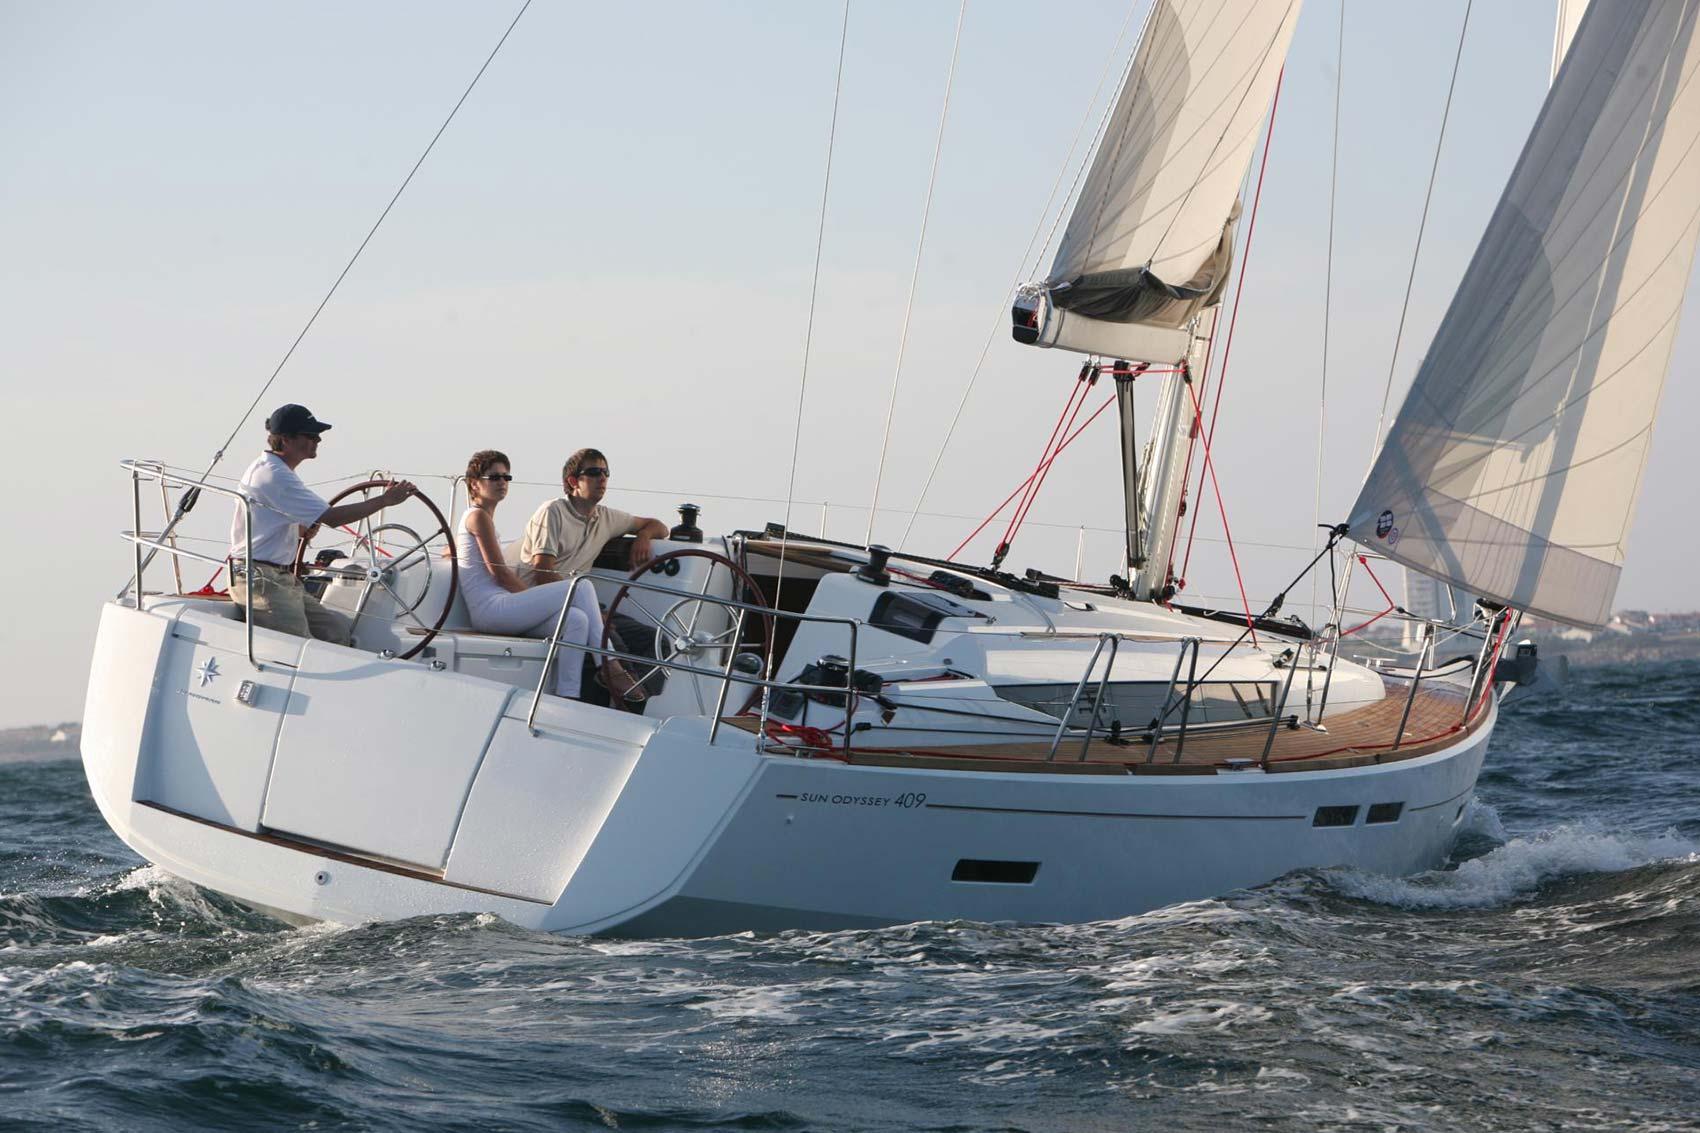 Sun Odyssee 409 Sailing Yacht